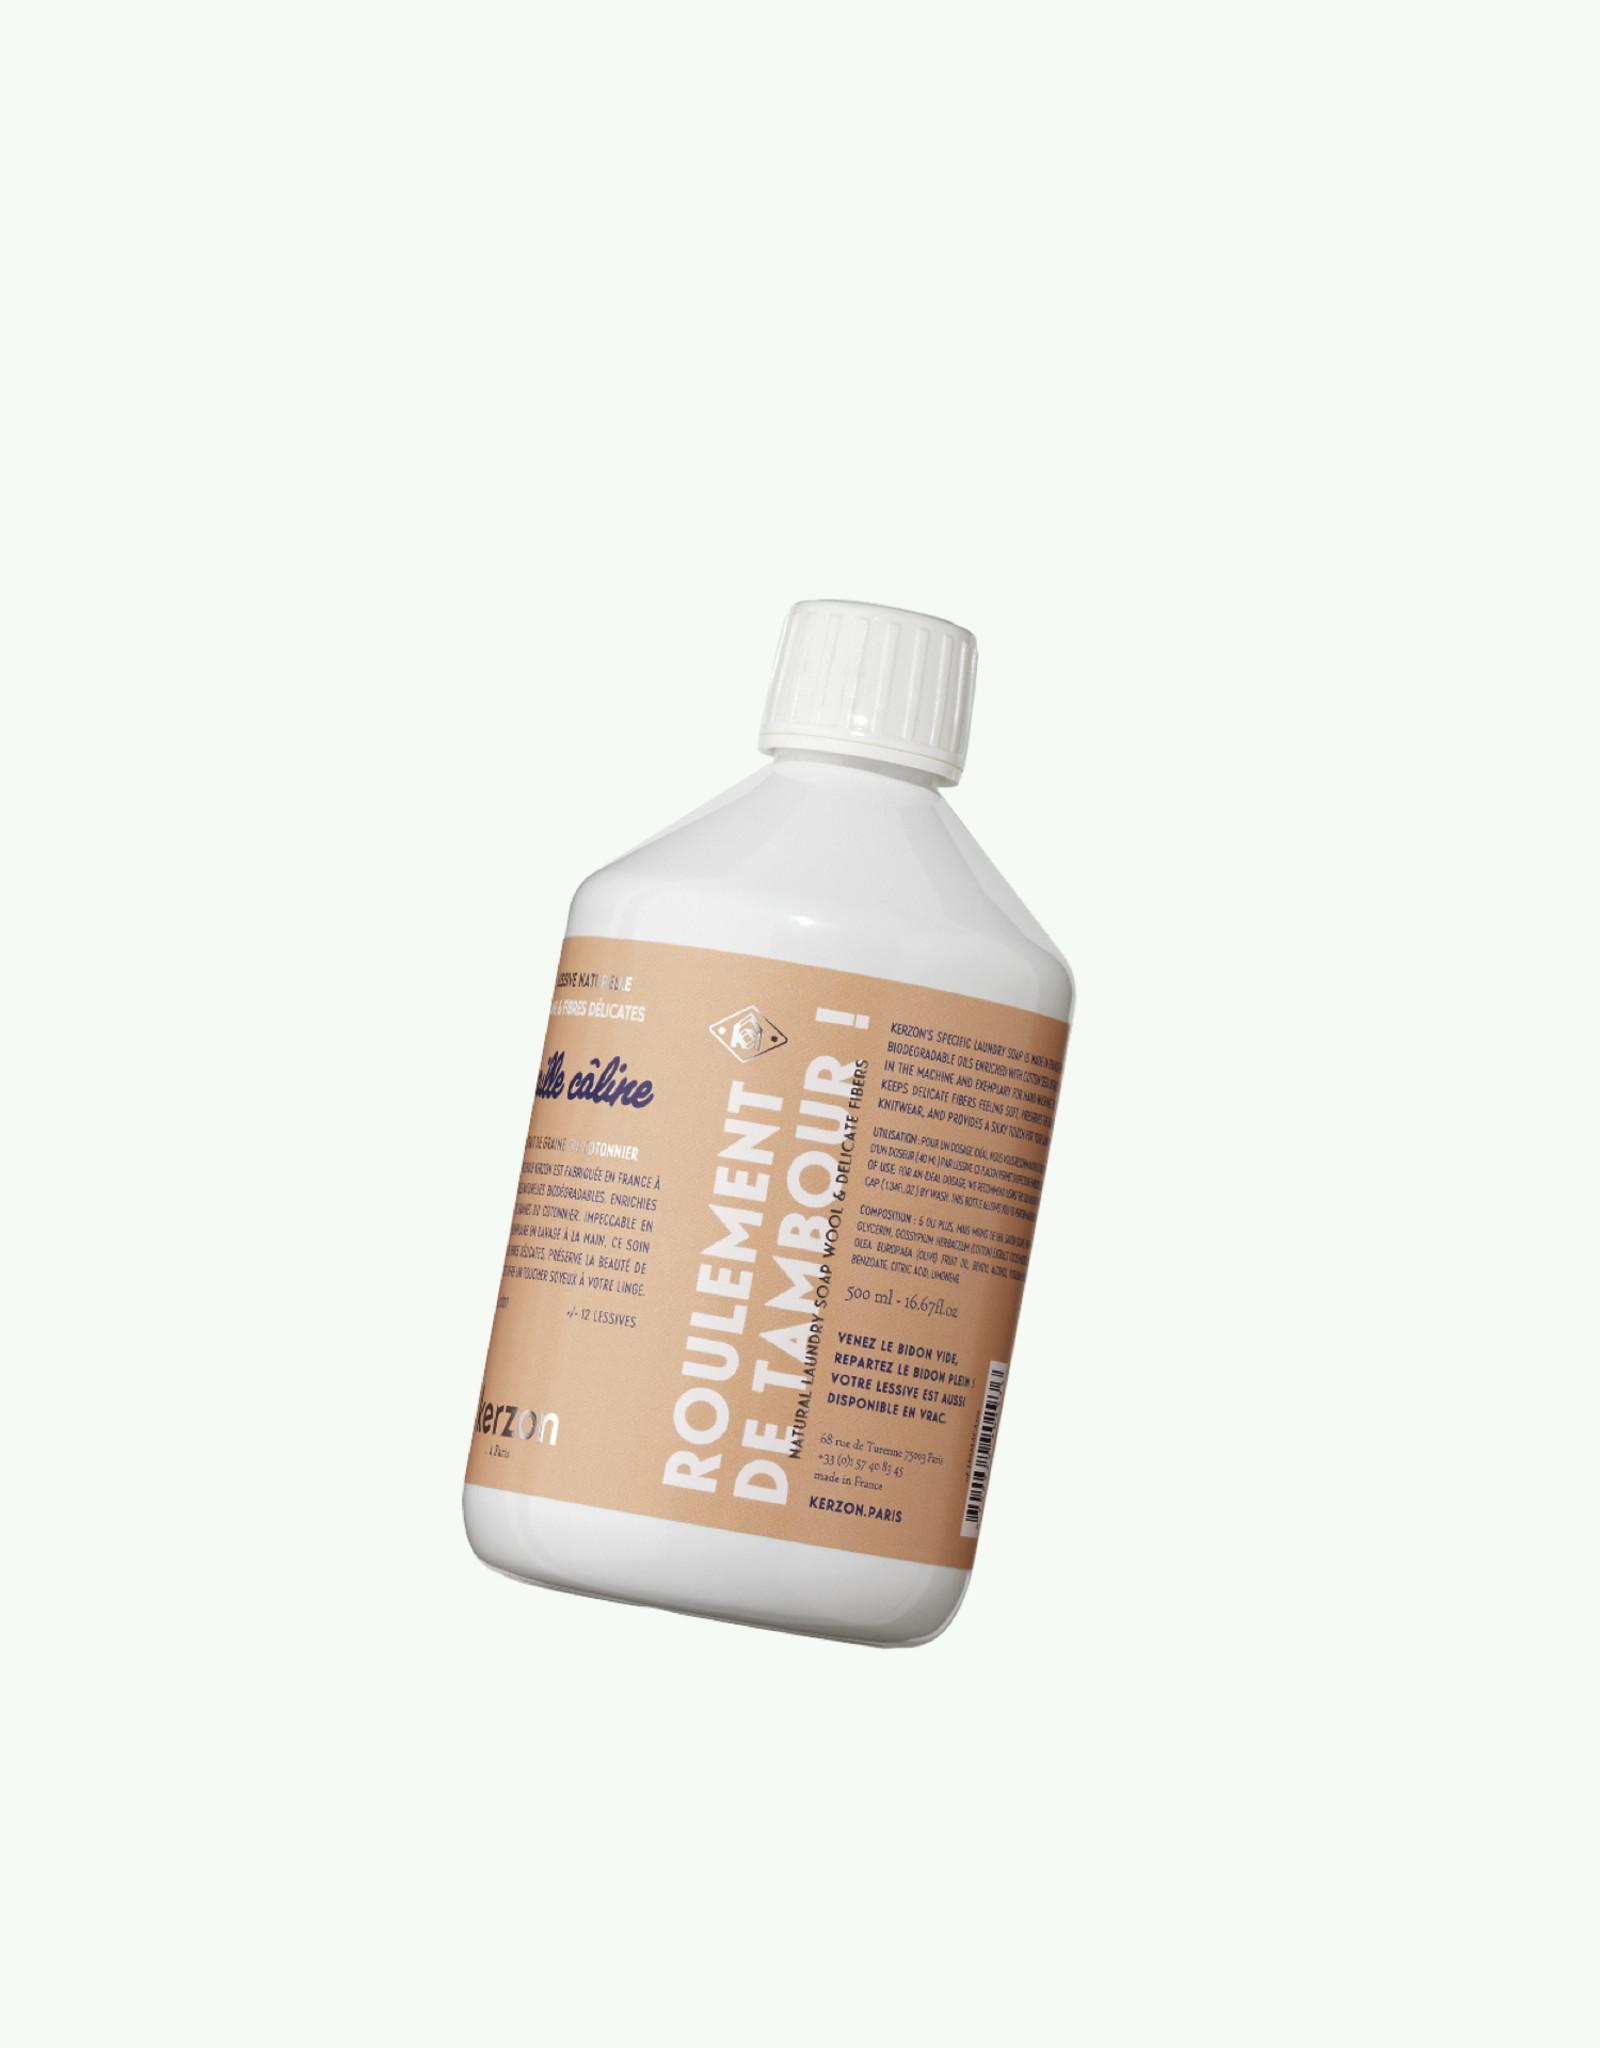 Kerzon Kerzon - Maille Caline - Lessive pour votre laine 500 ml